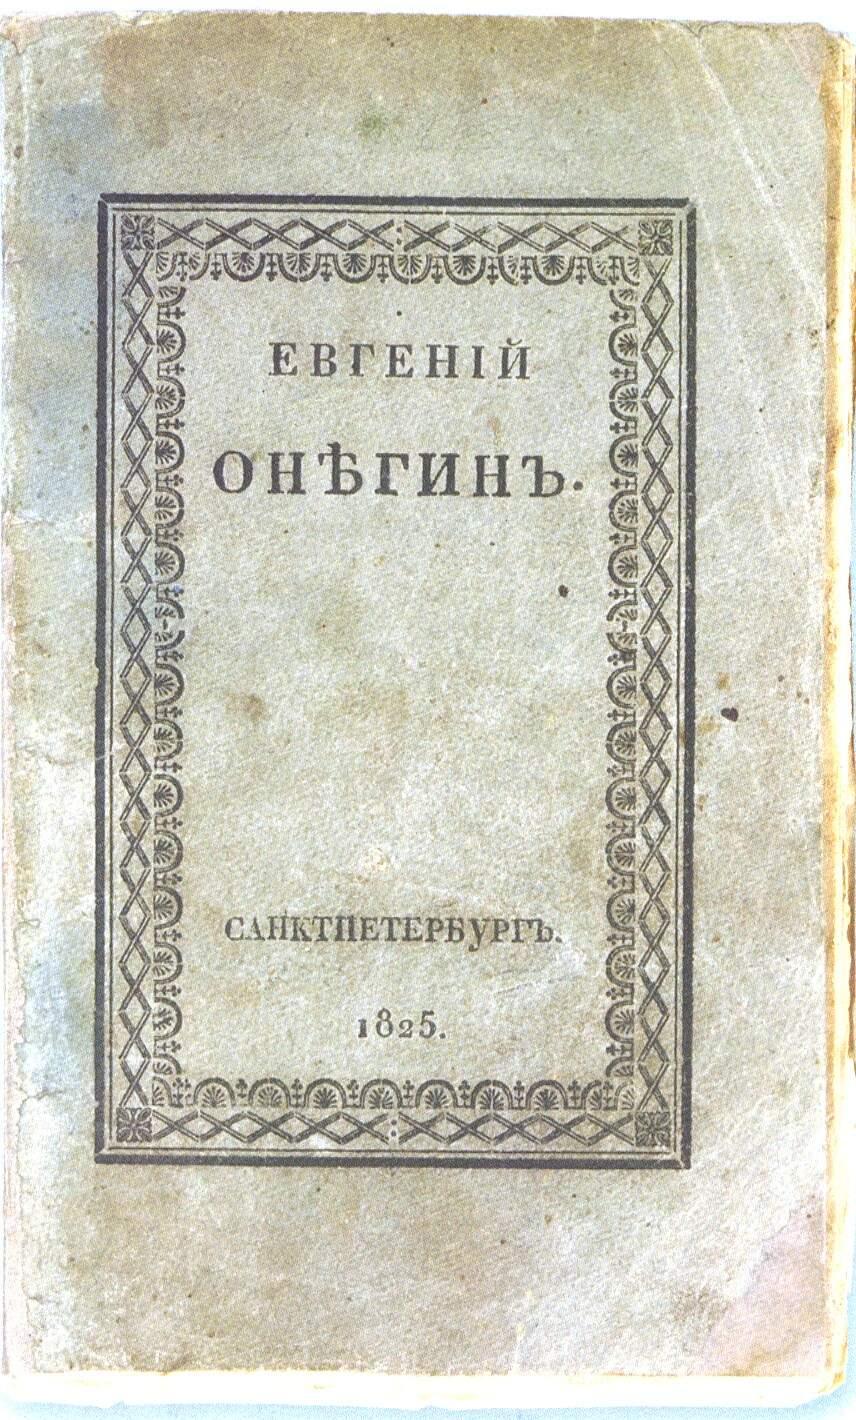 описание украины сочинение боплана